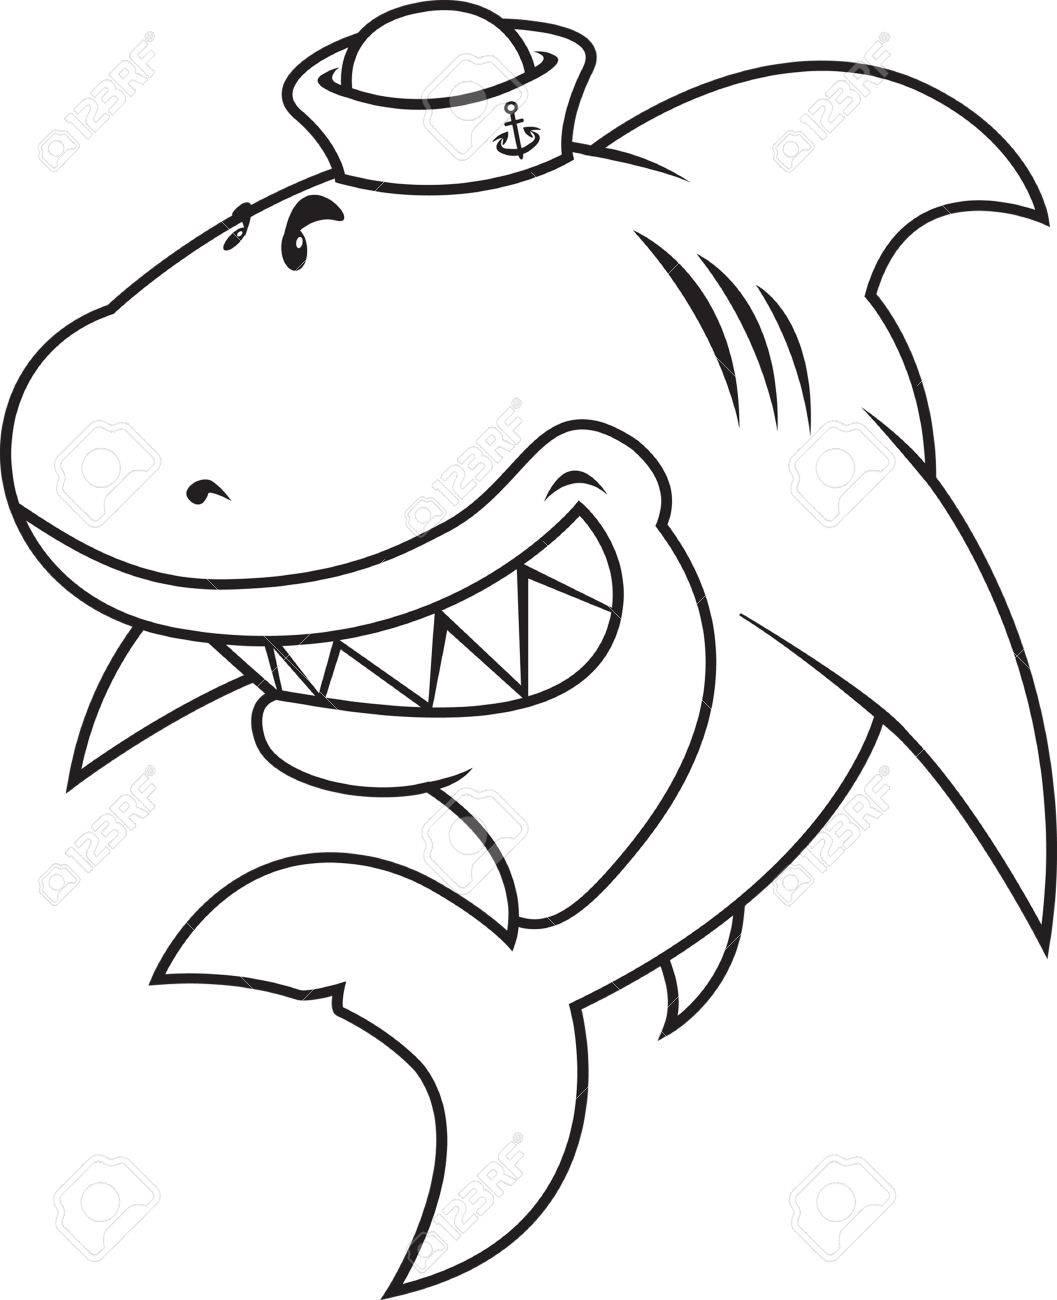 Aspecto Gracioso Gran Tiburón Blanco Con Marinero Libro Hat.coloring ...